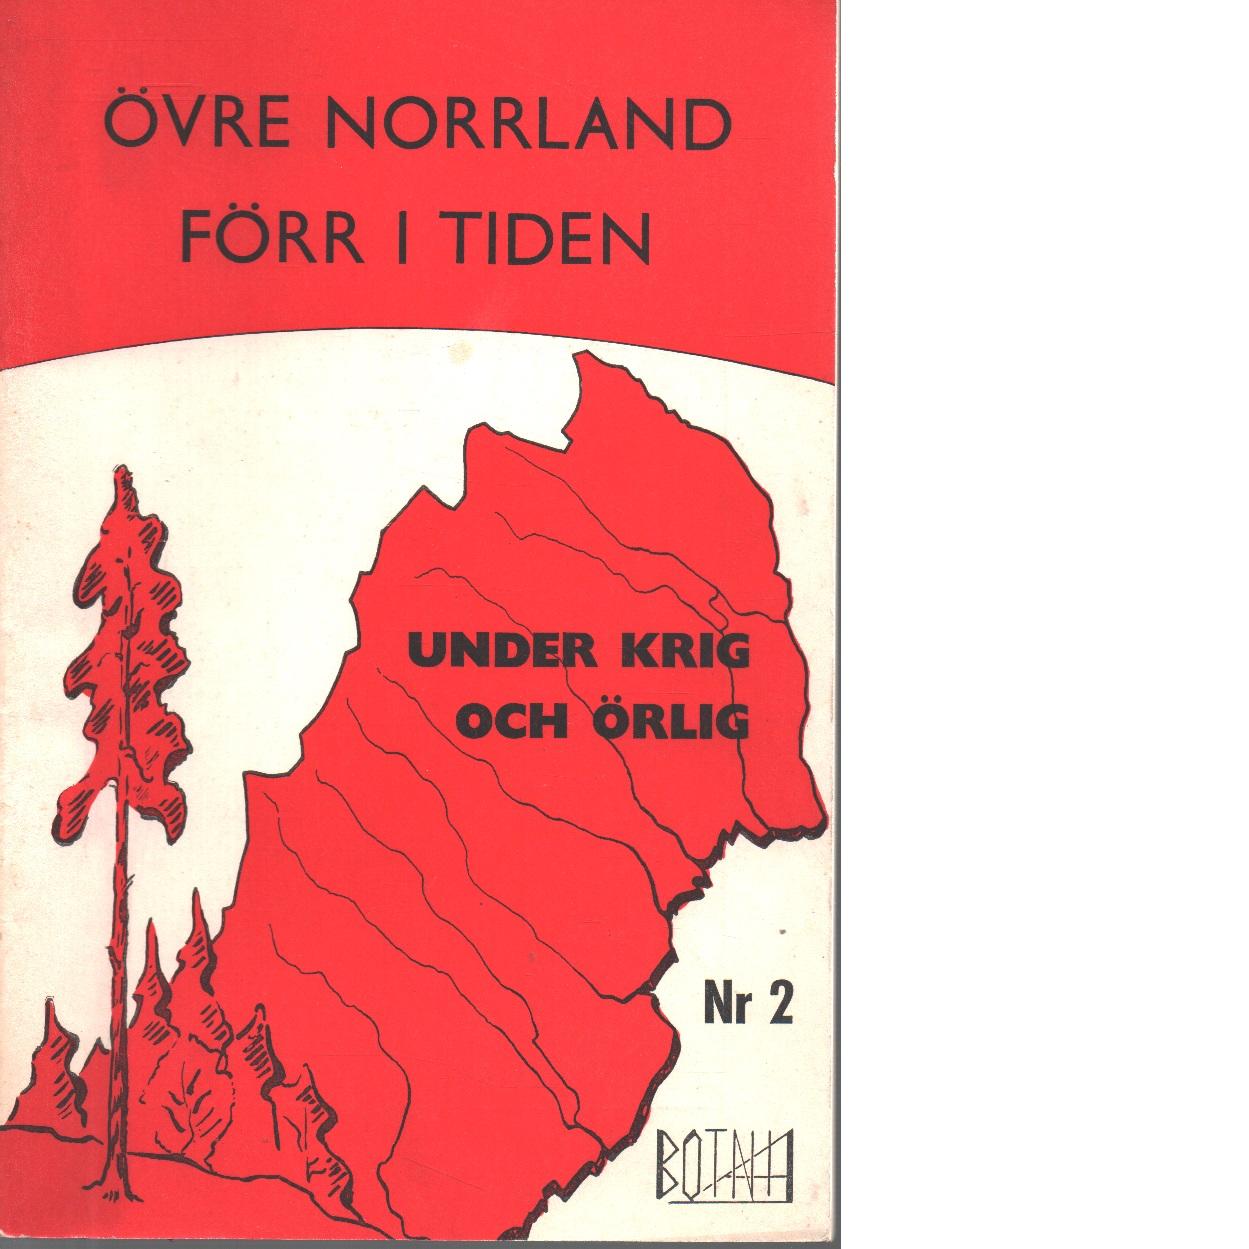 Övre Norrland förr i tiden 2 Under krig och örlig - Red.